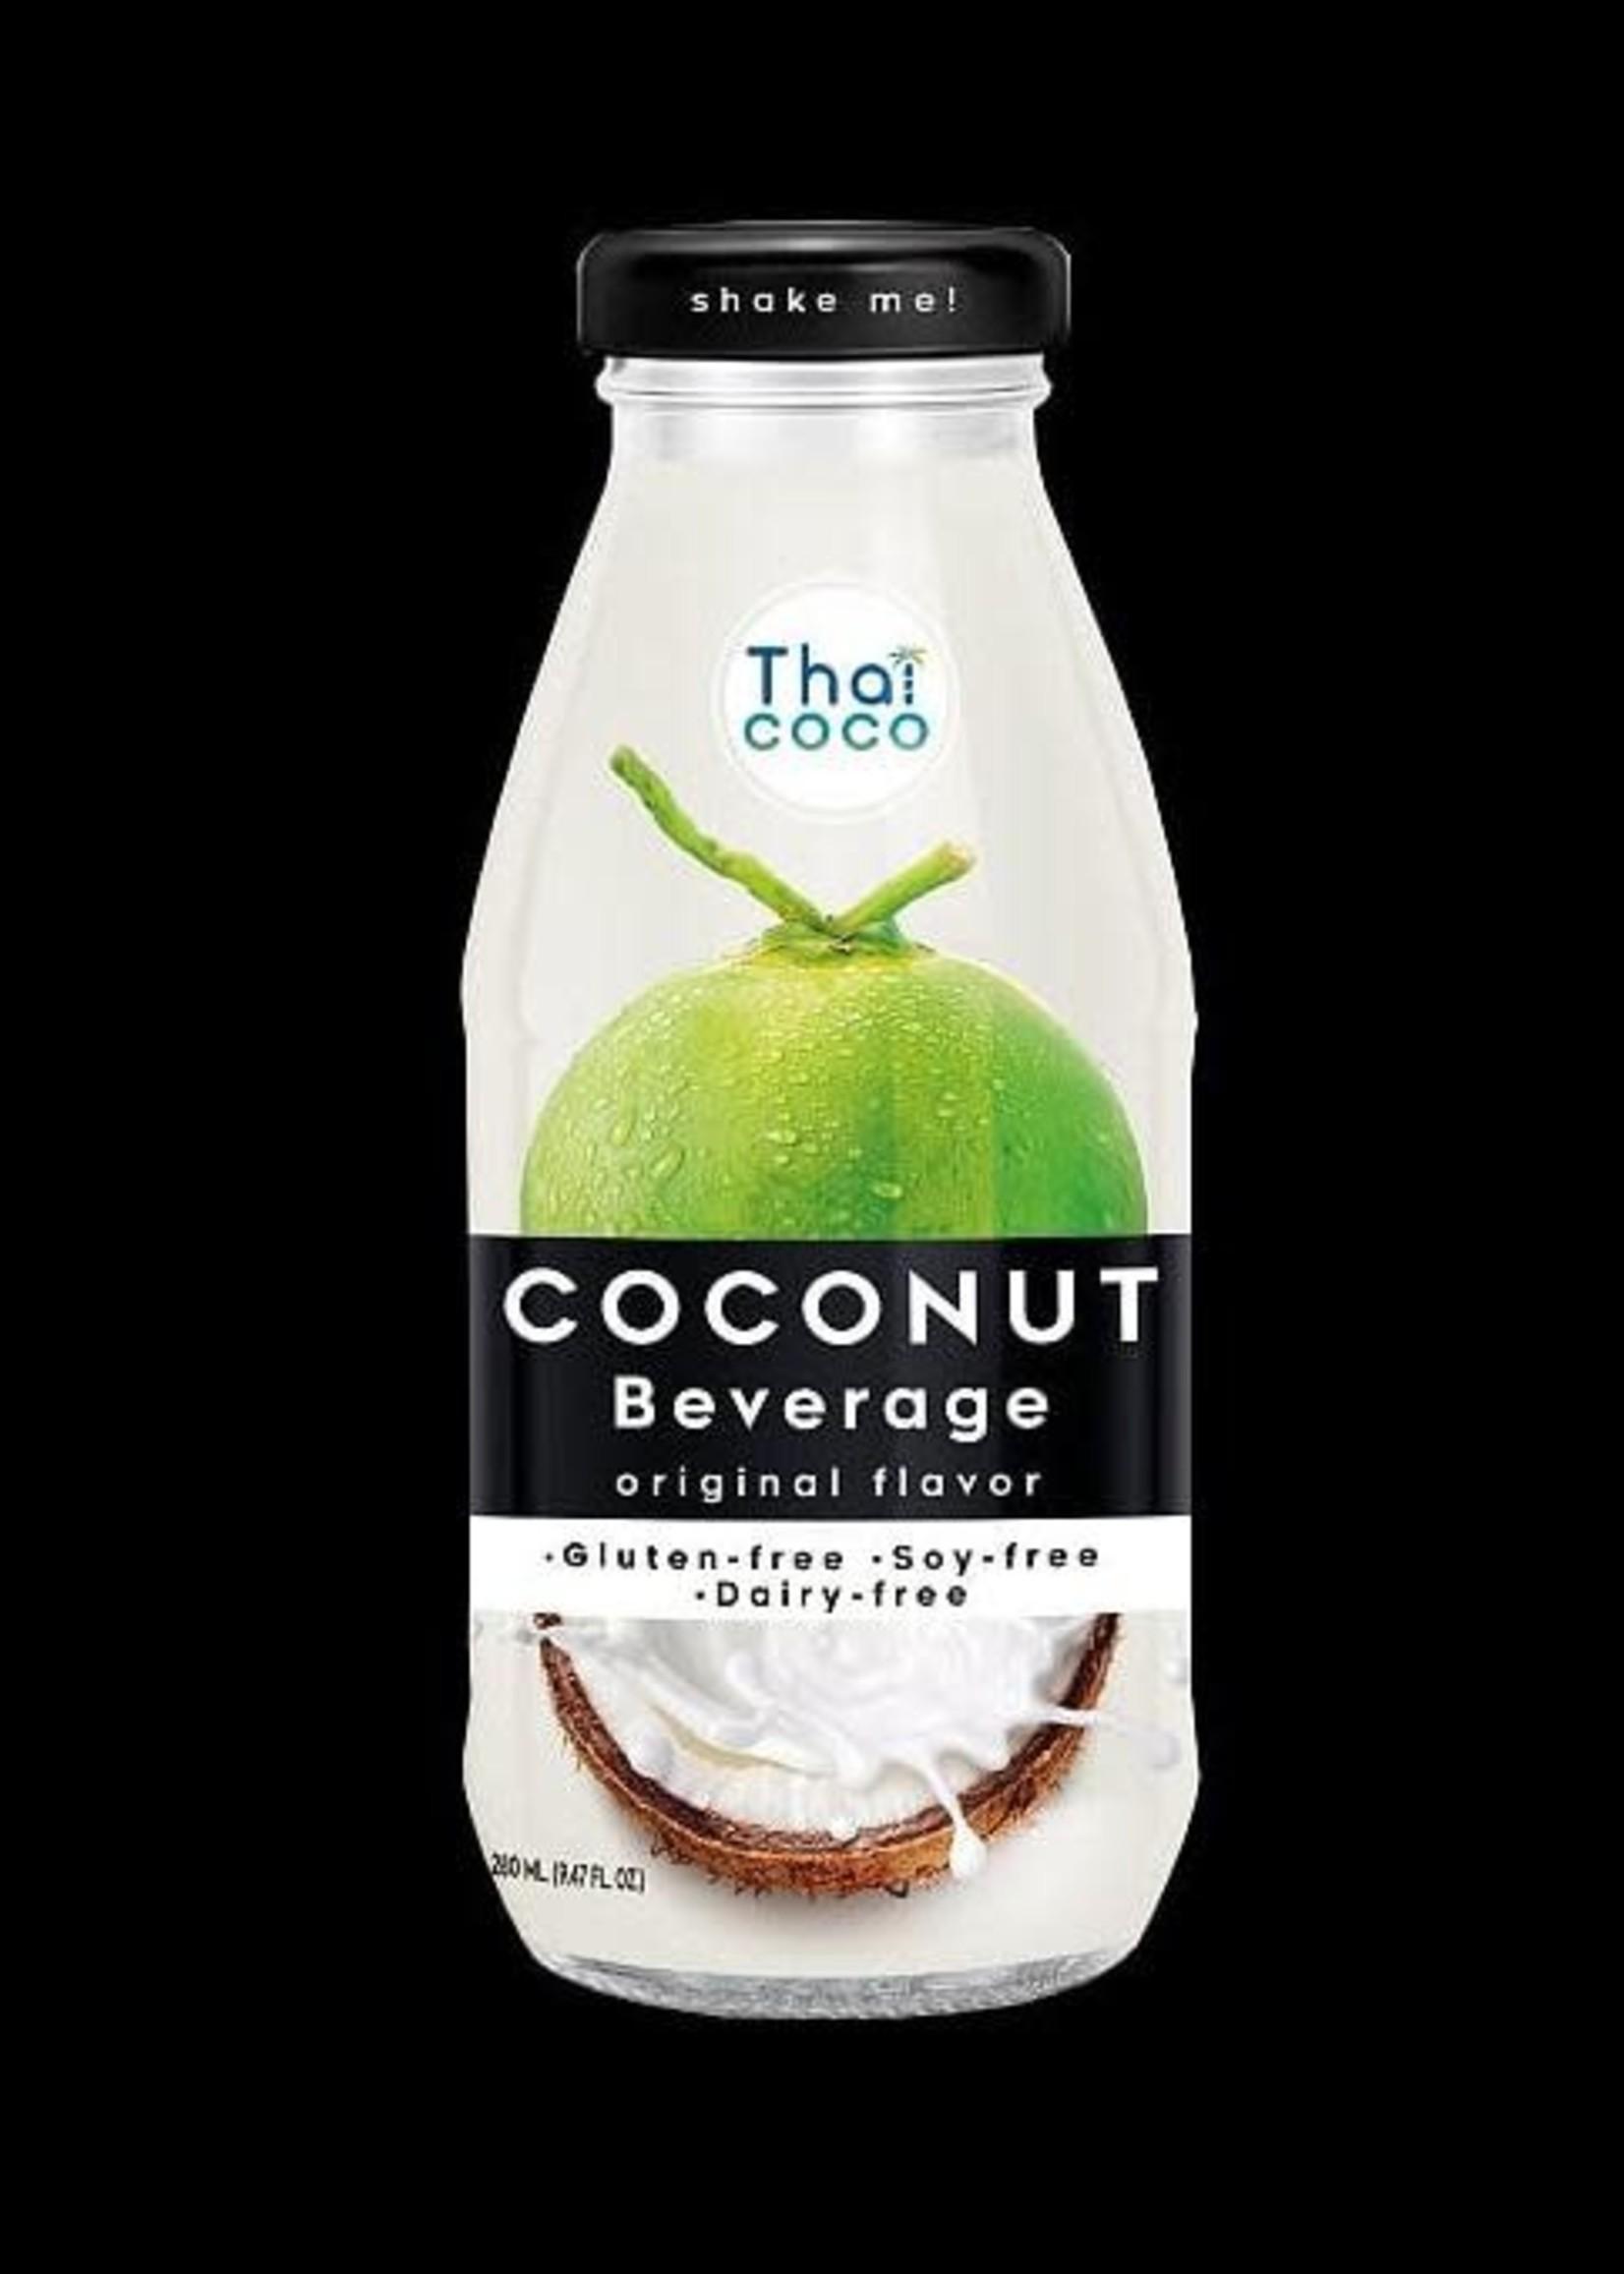 Thai Coco - original